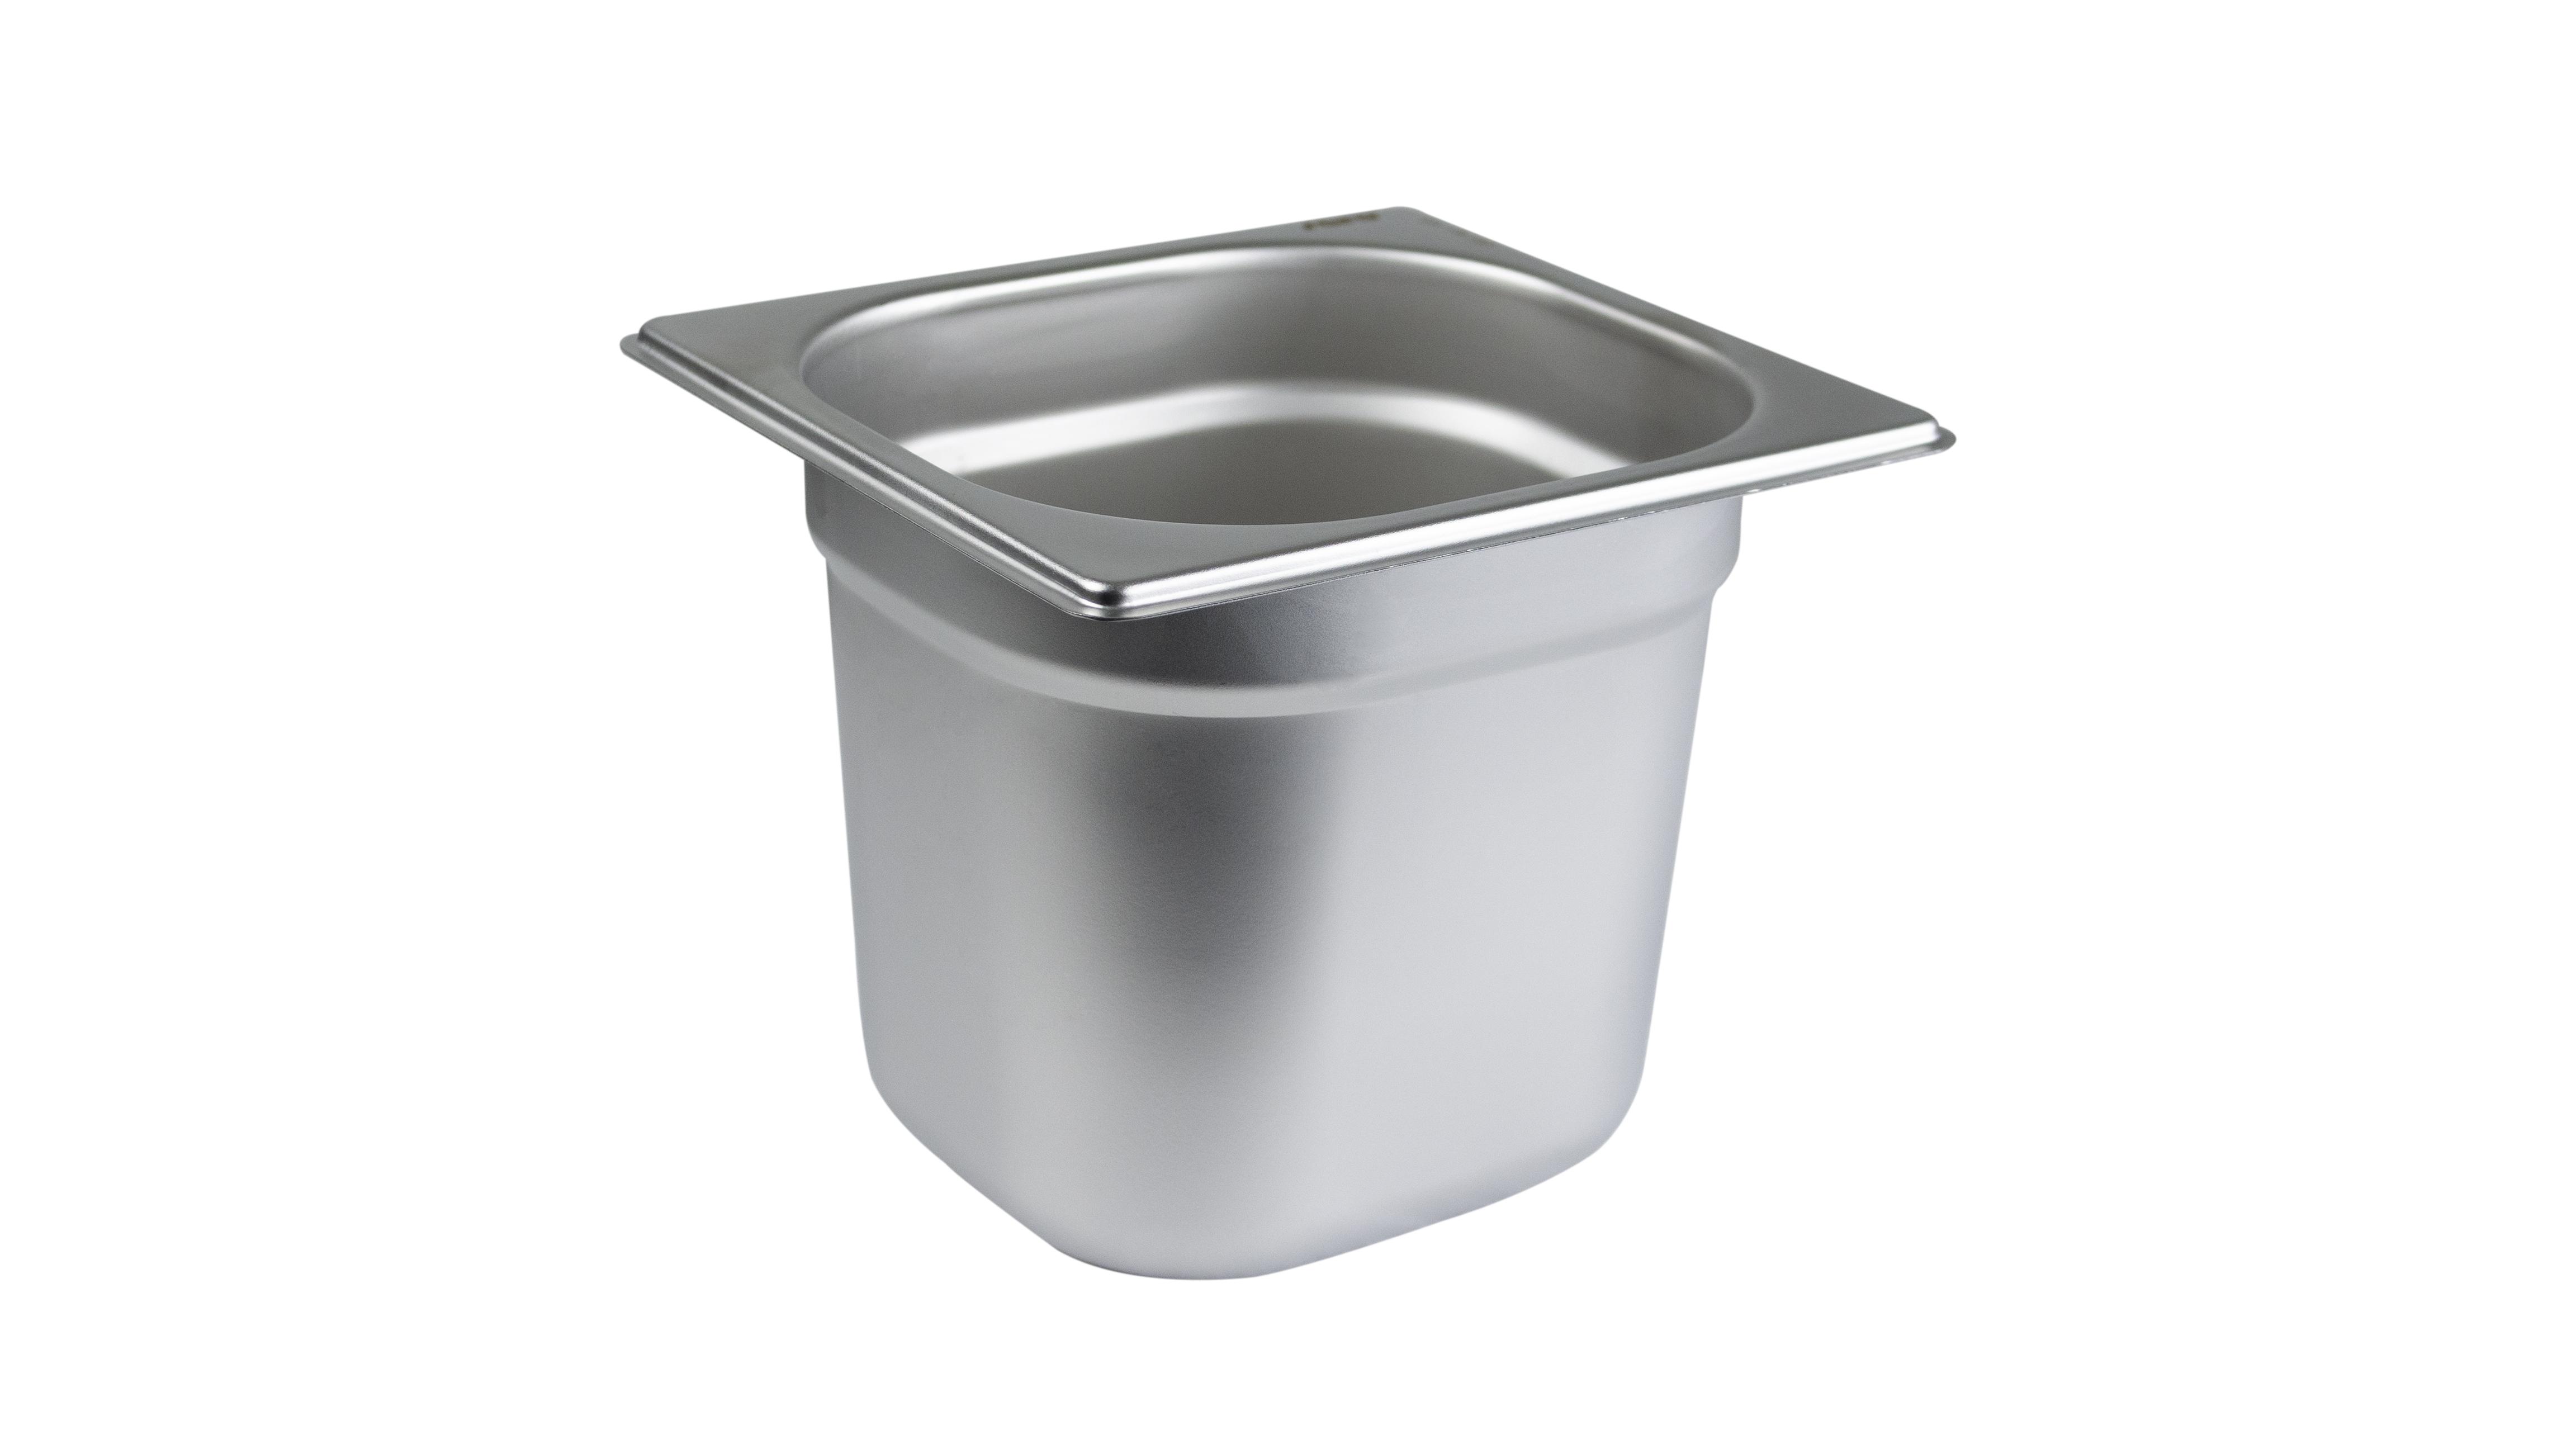 1/6 GN-Behälter, Edelstahl 14/4, Tiefe: 150 mm